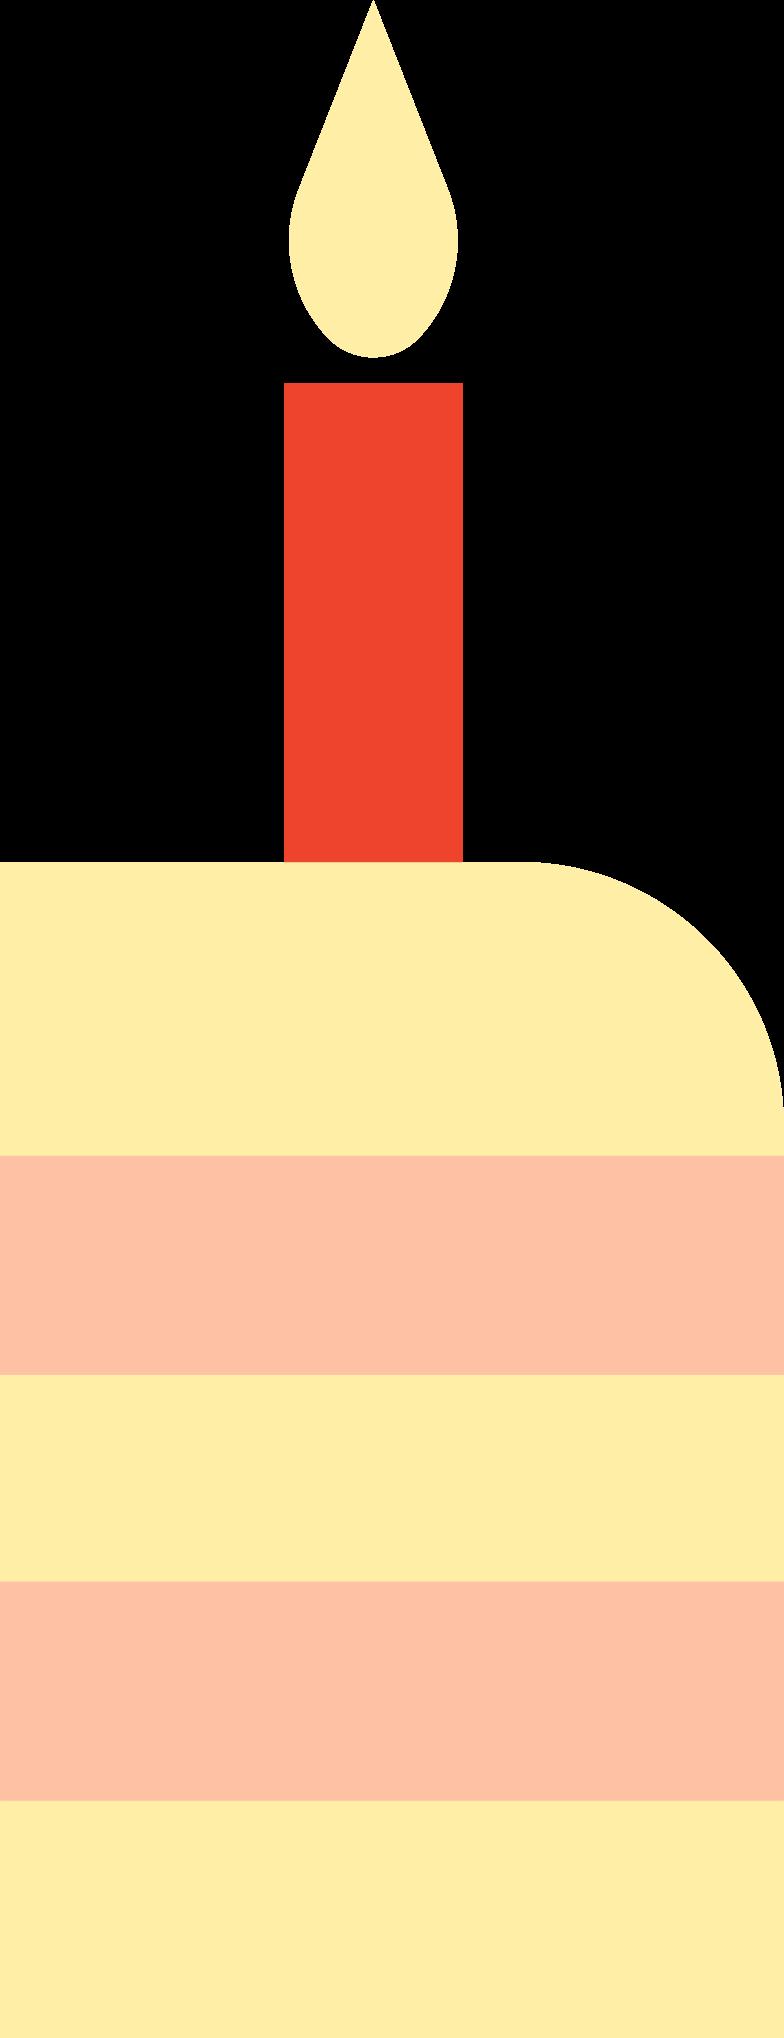 PNGとSVGの  スタイルの バースデーケーキのスライス ベクターイメージ | Icons8 イラスト